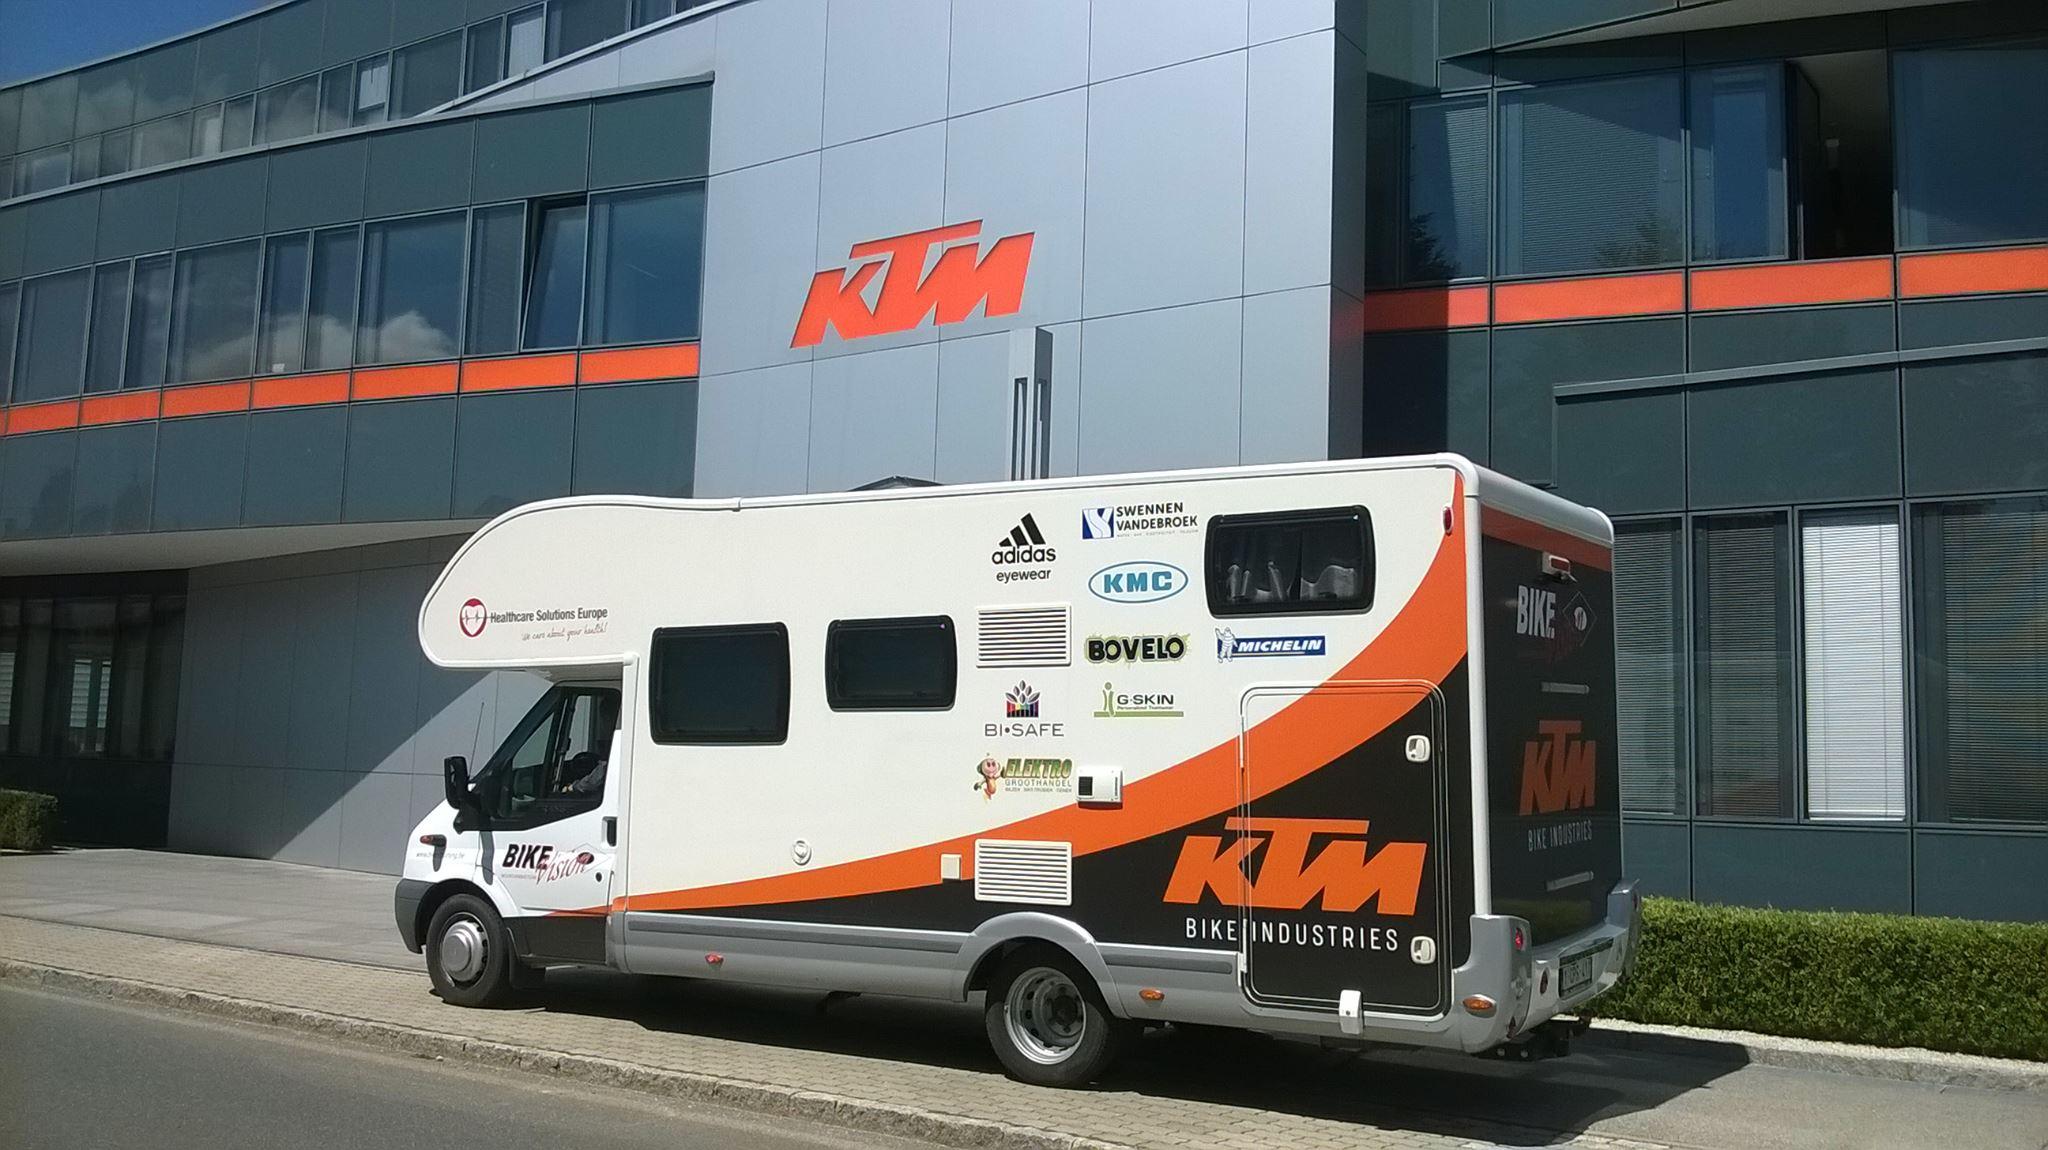 KTM Bike Vision